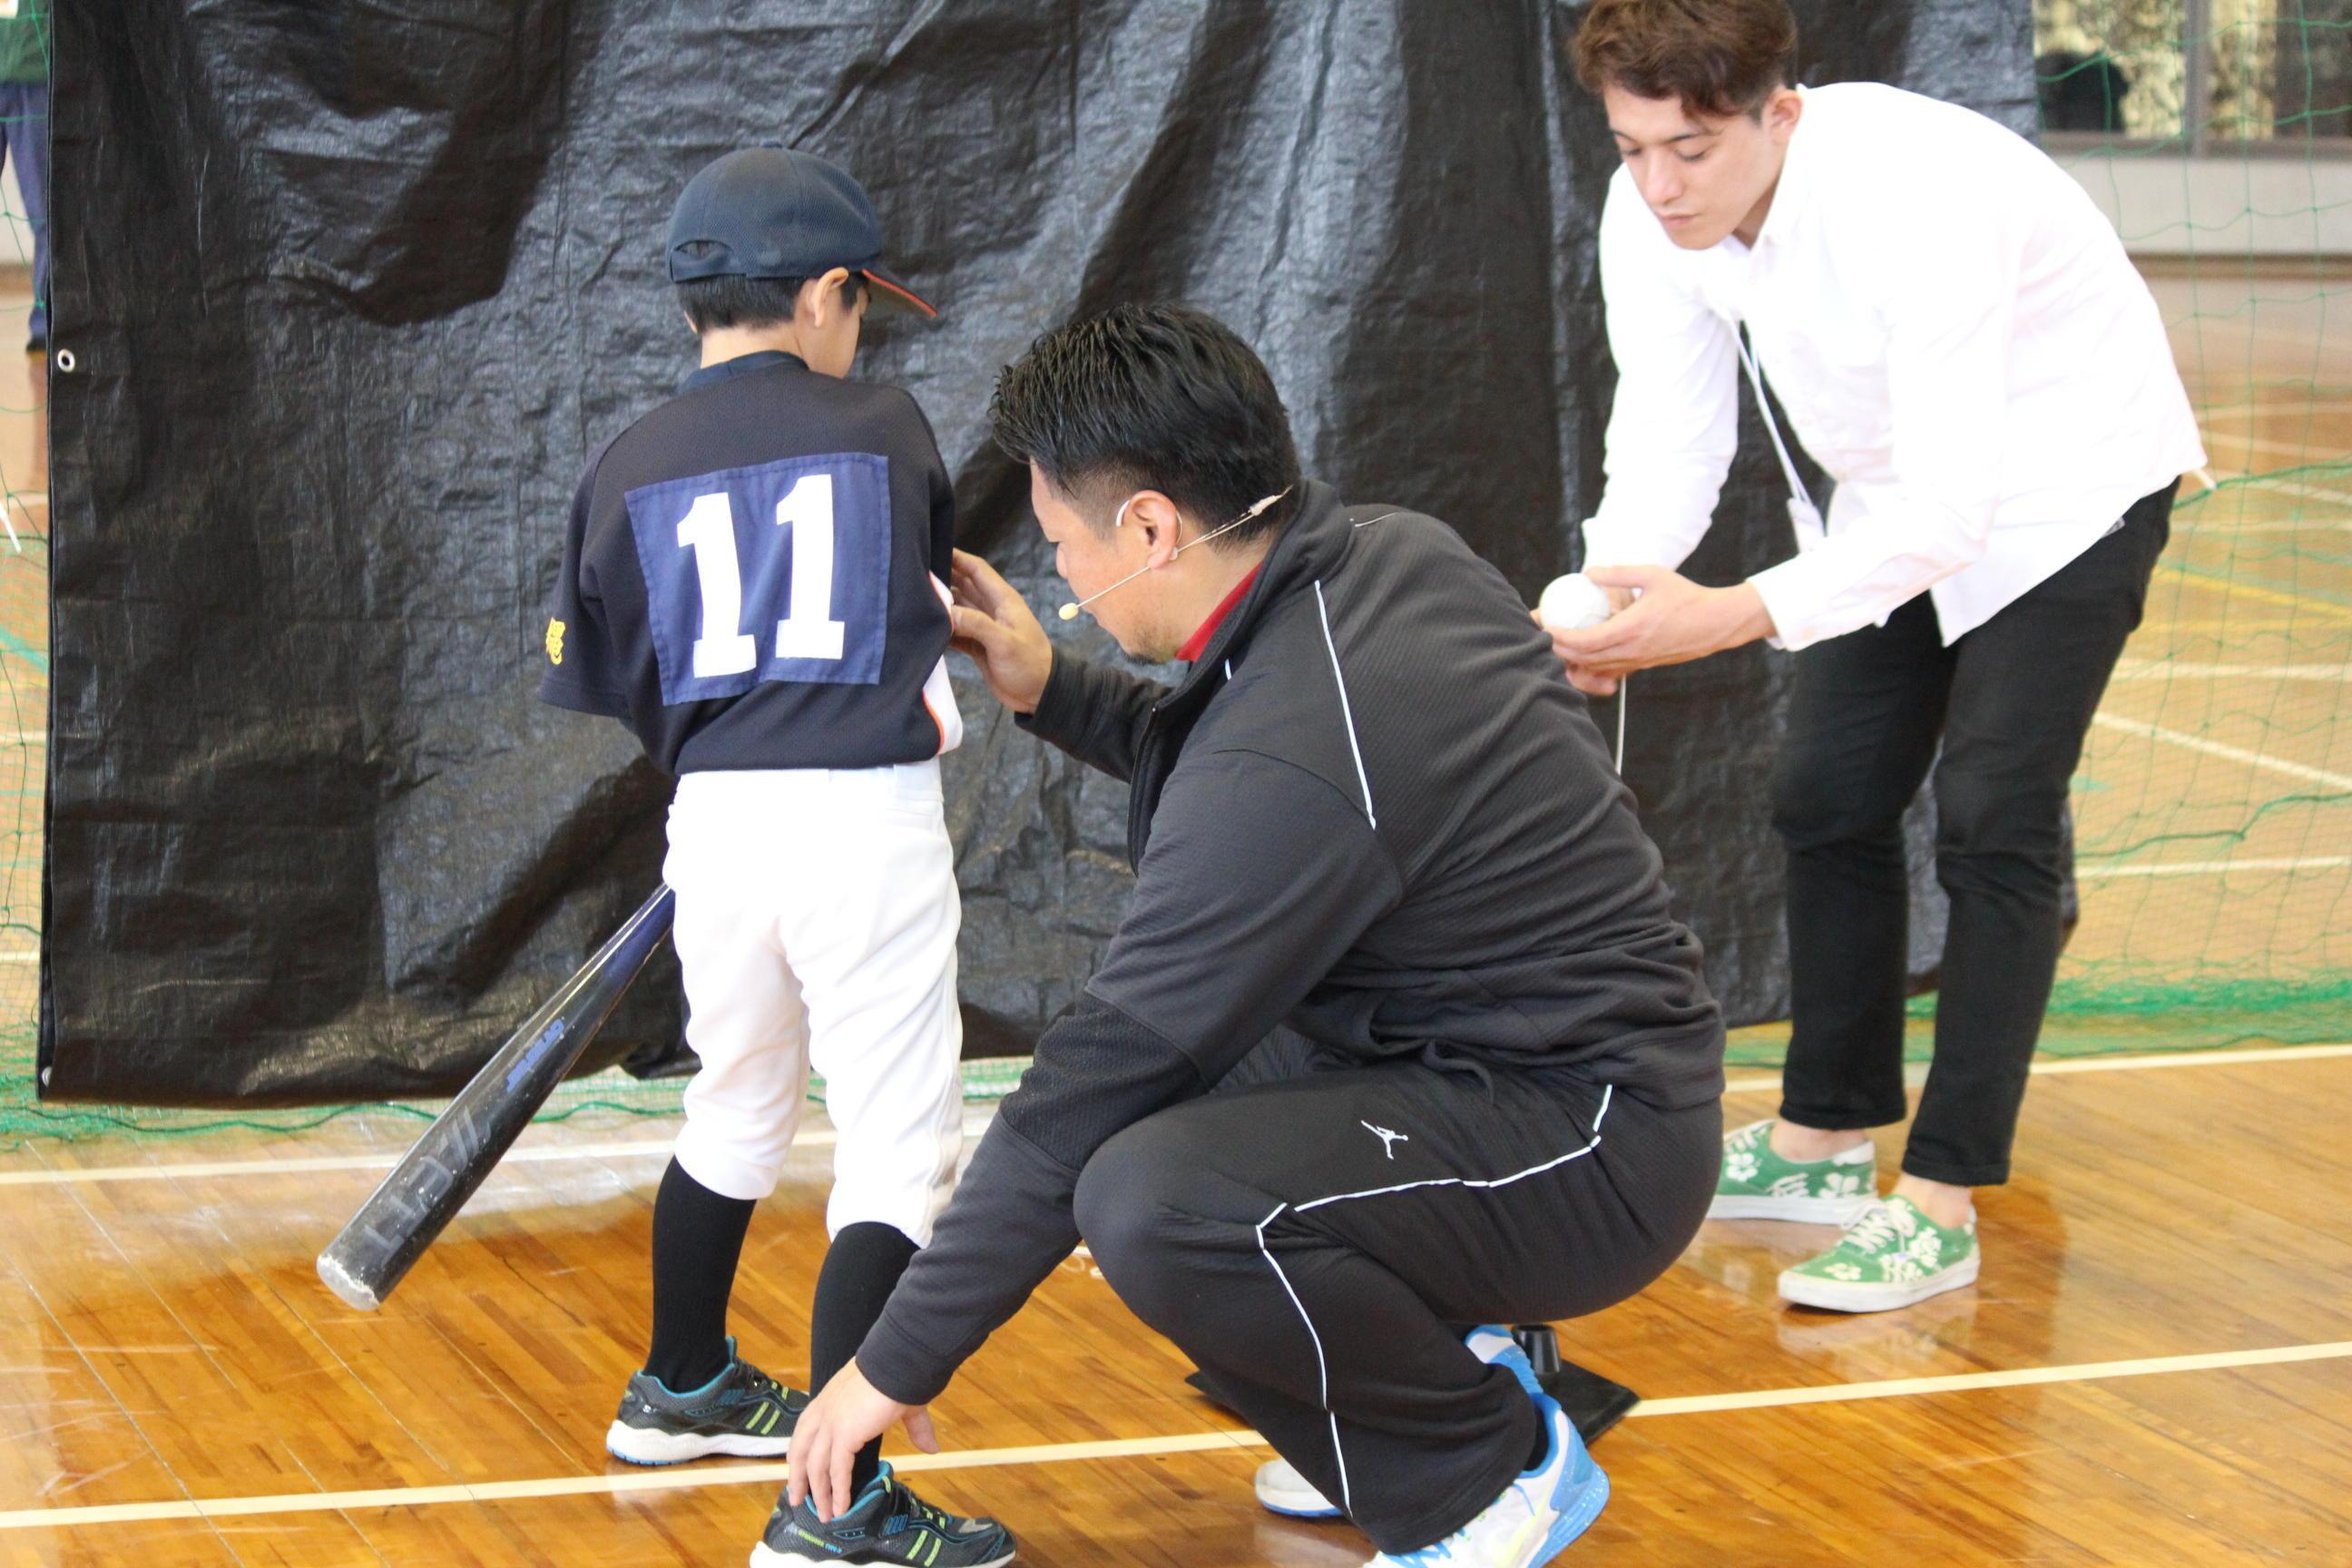 http://news.yoshimoto.co.jp/20170314192359-cac81c408f468095edb3fb1c6625ddfb86090f19.jpg